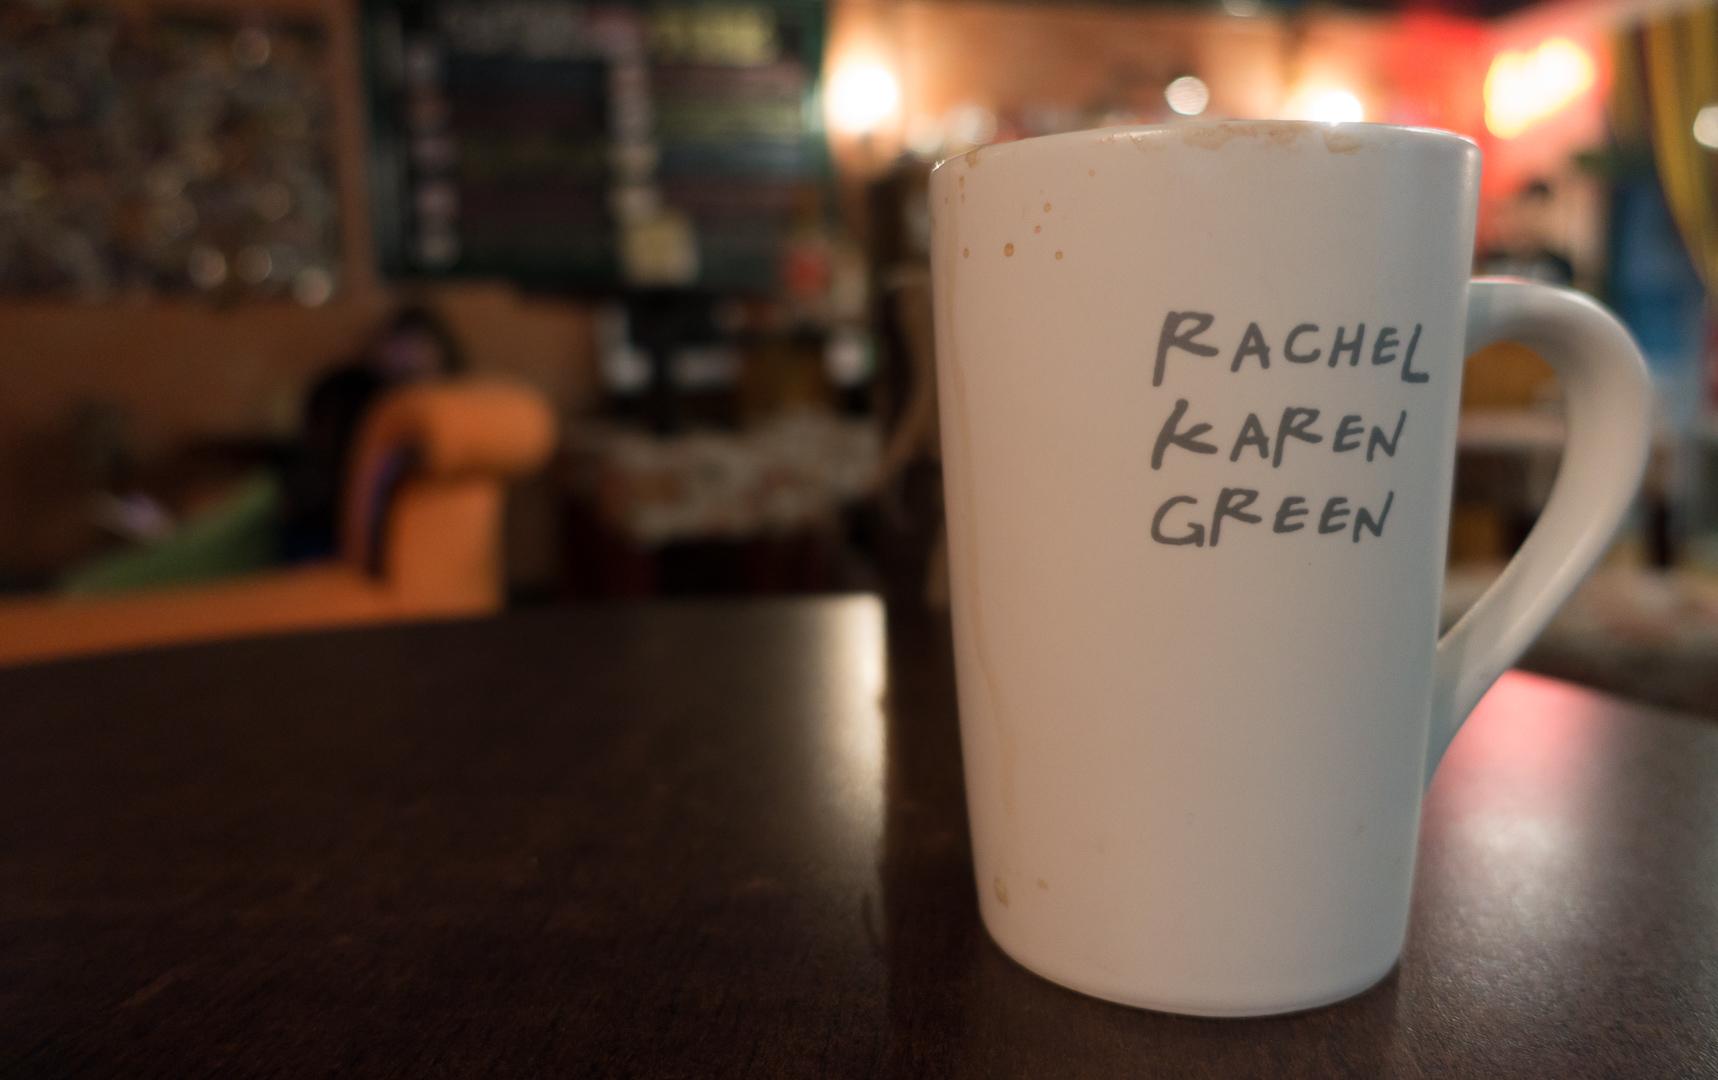 Rachel Karen Green Cup